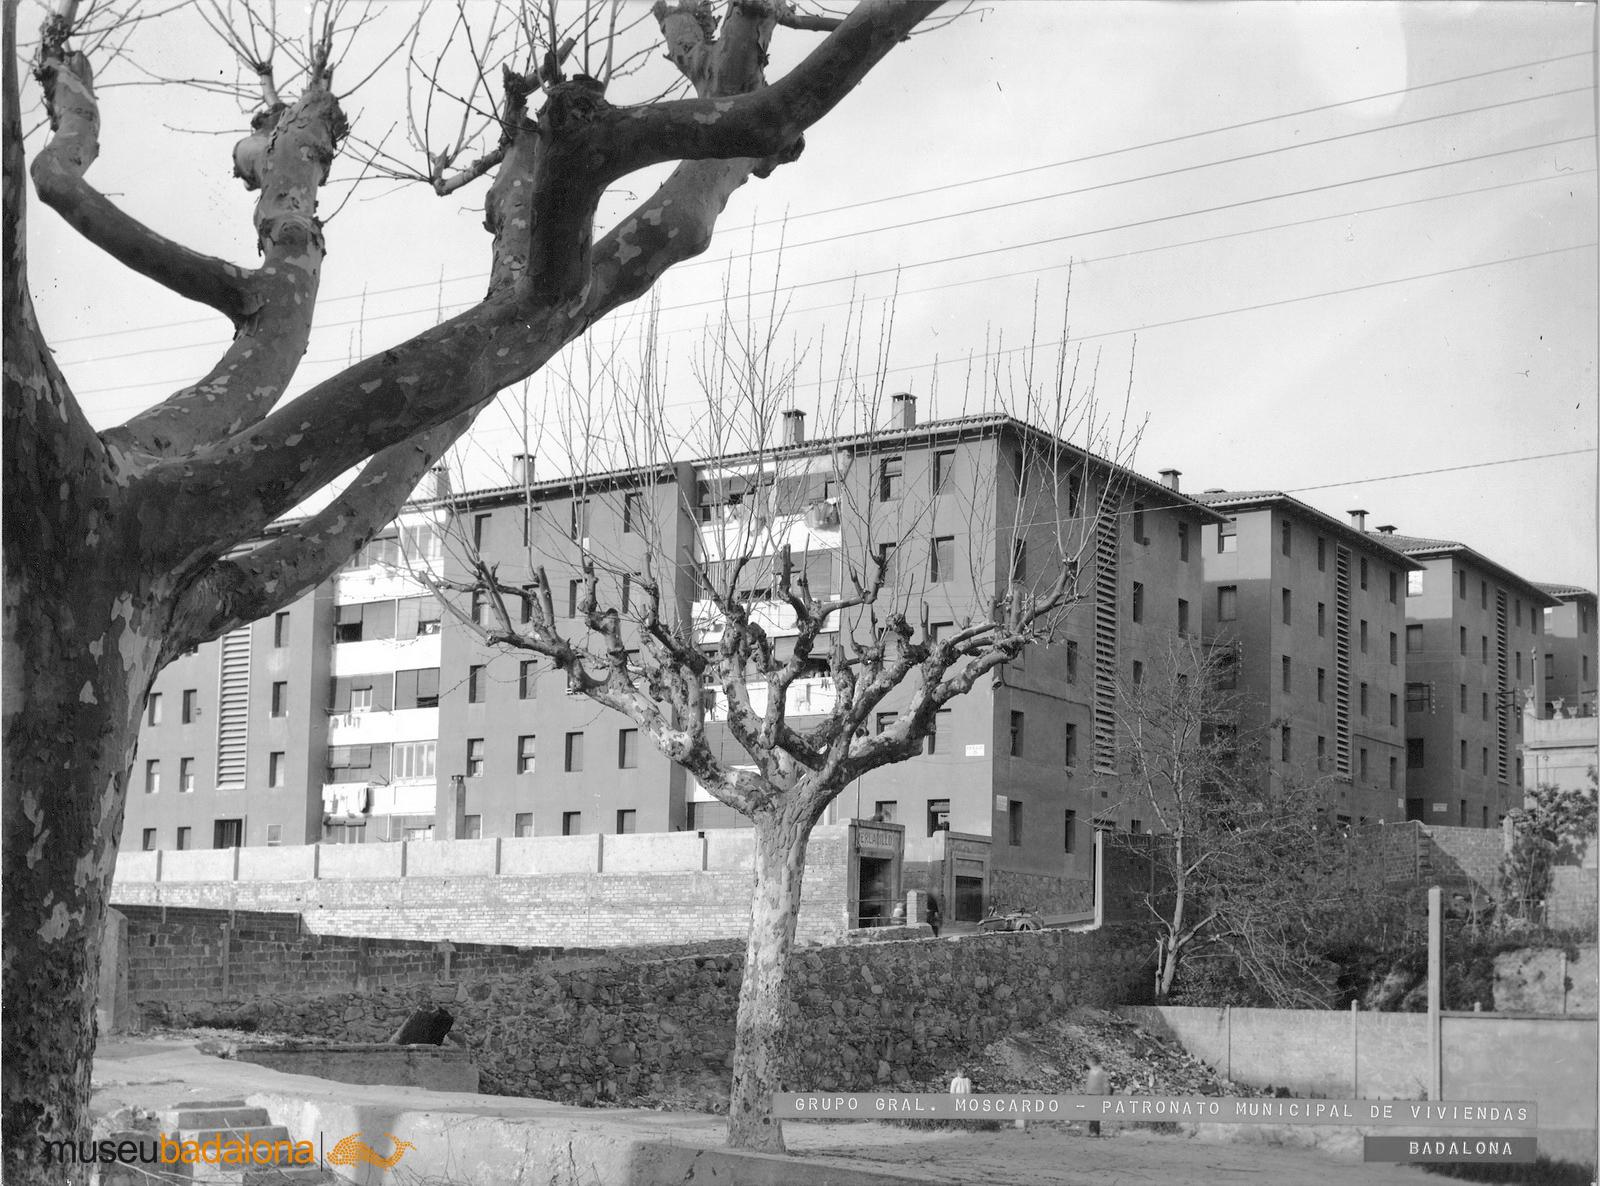 Edificis singulars de la ciutat fa uns cinquanta anys. Fotografies d'Antoni Capella i altres